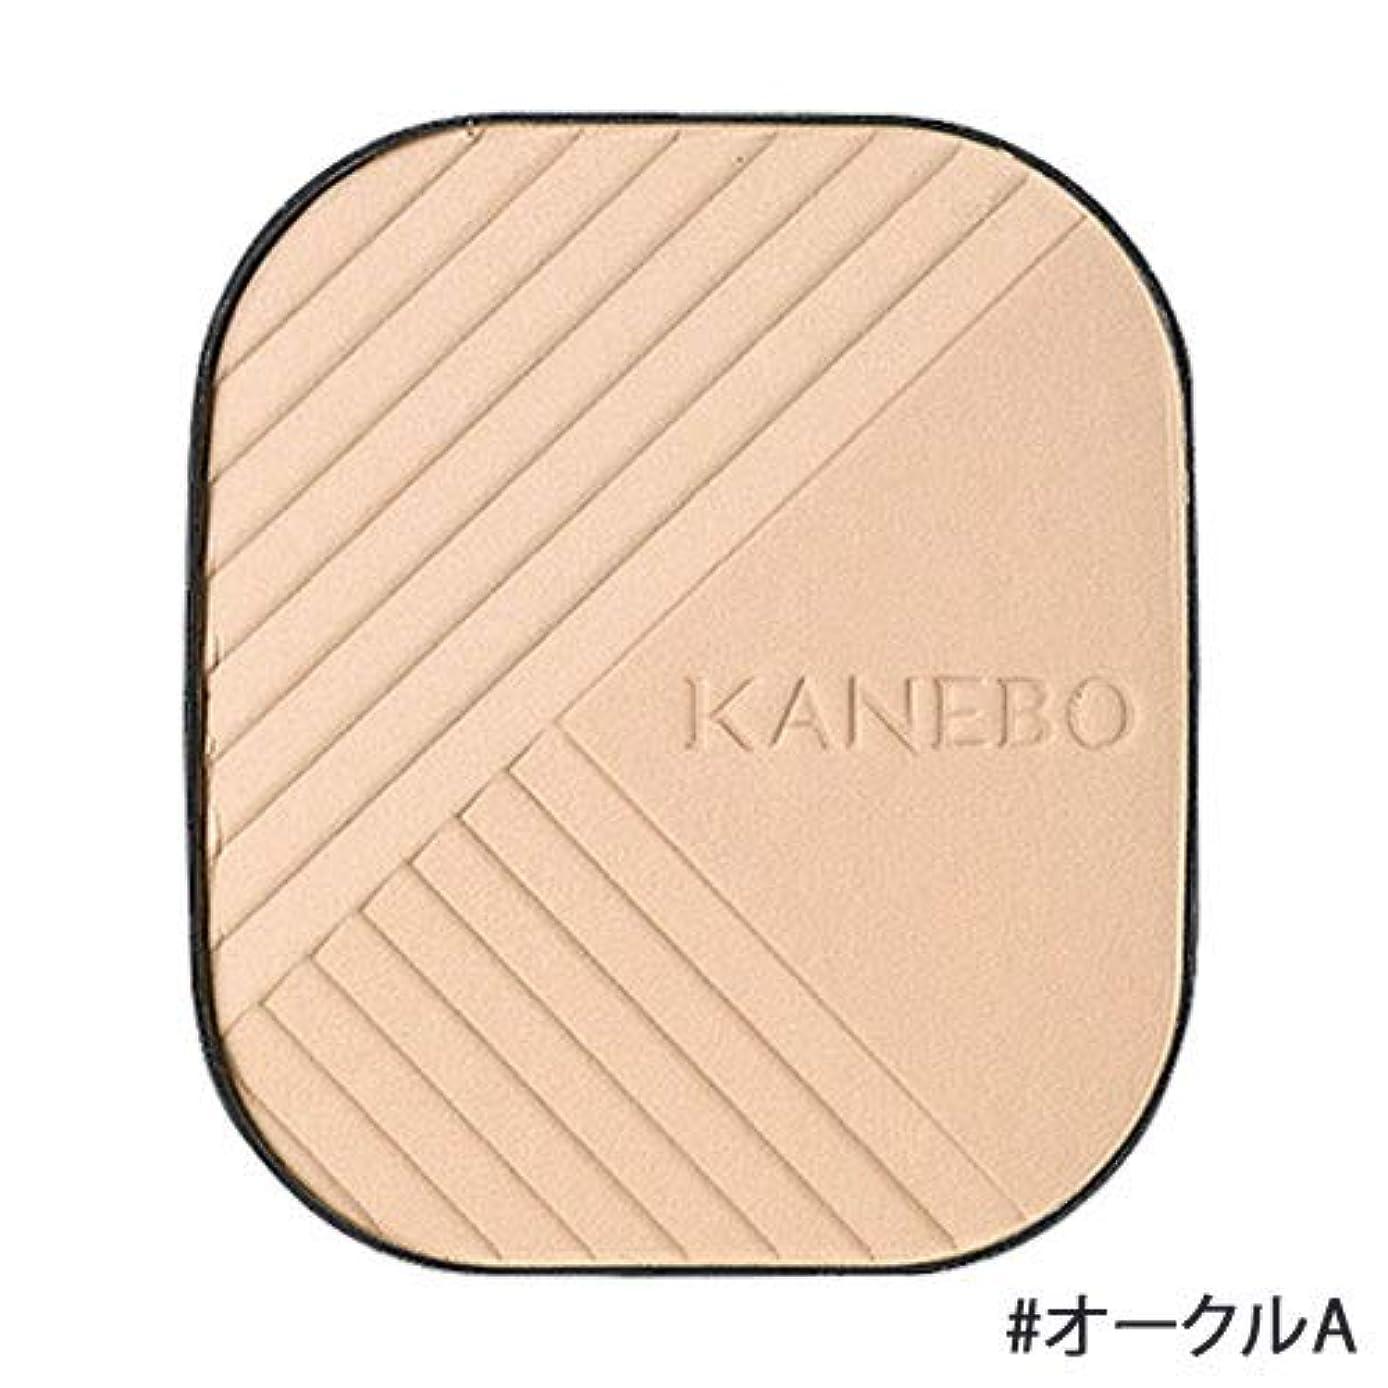 検索エンジンマーケティングゲーム役職KANEBO カネボウ ラスターパウダーファンデーション レフィル オークルA/OC A 9g [並行輸入品]